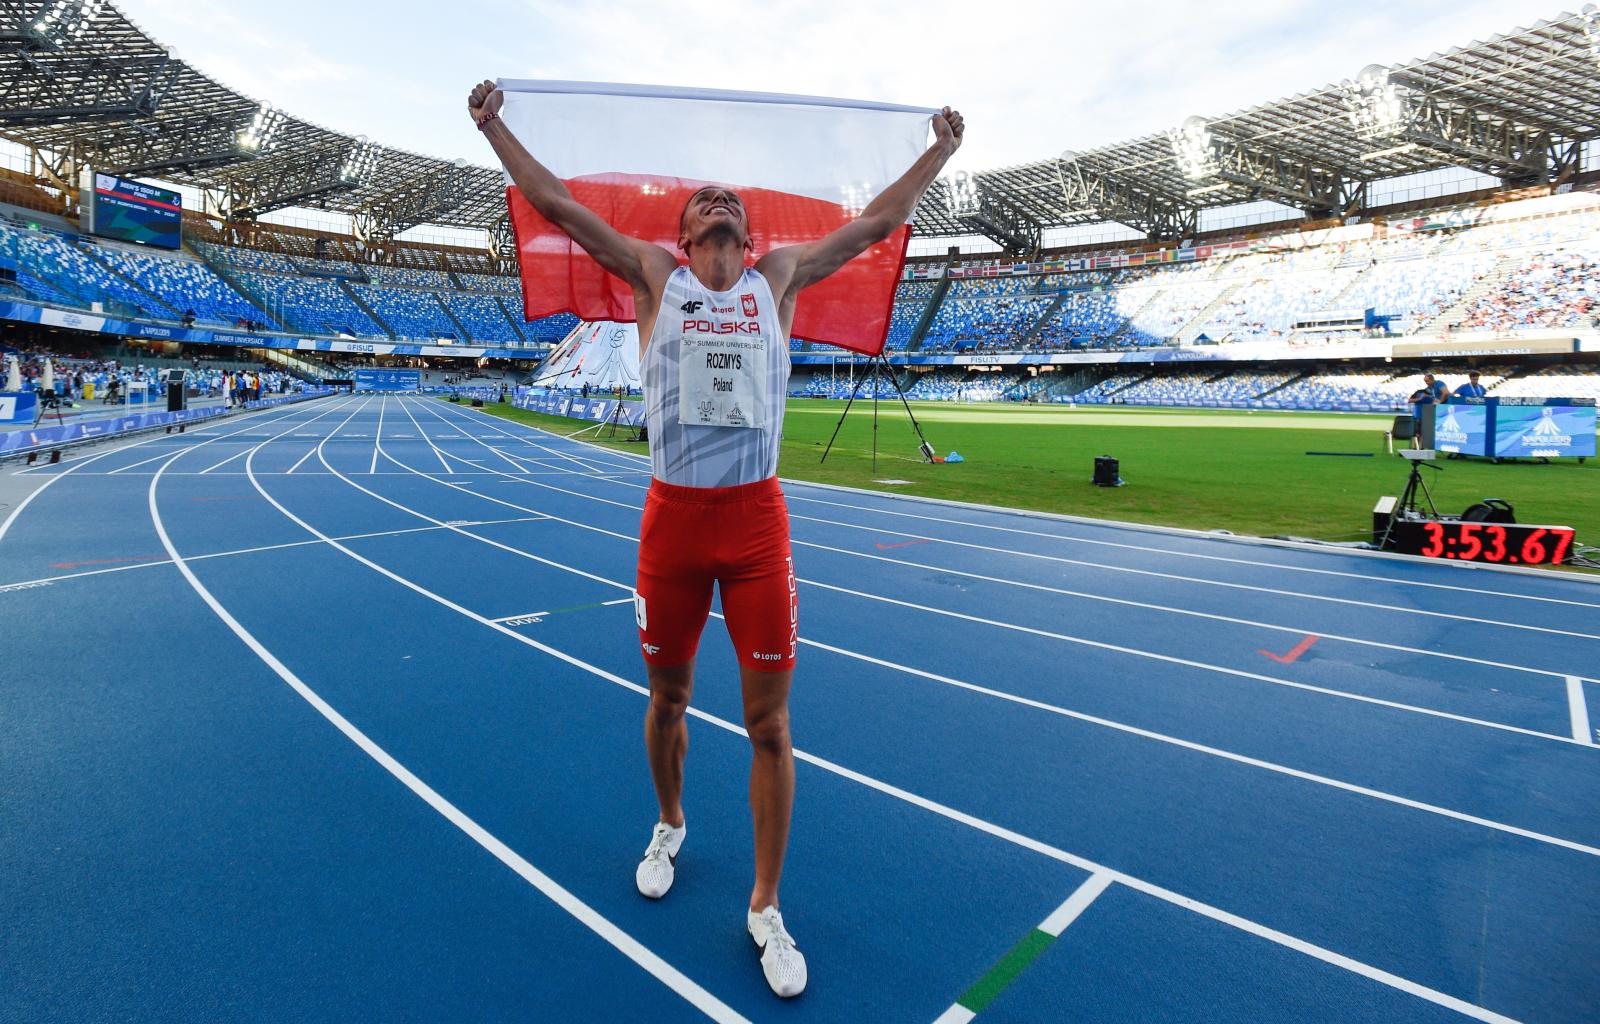 Michał Rozmys zwyciężył w biegu finałowym na 1500 m Fot. PAP/Paweł Skraba